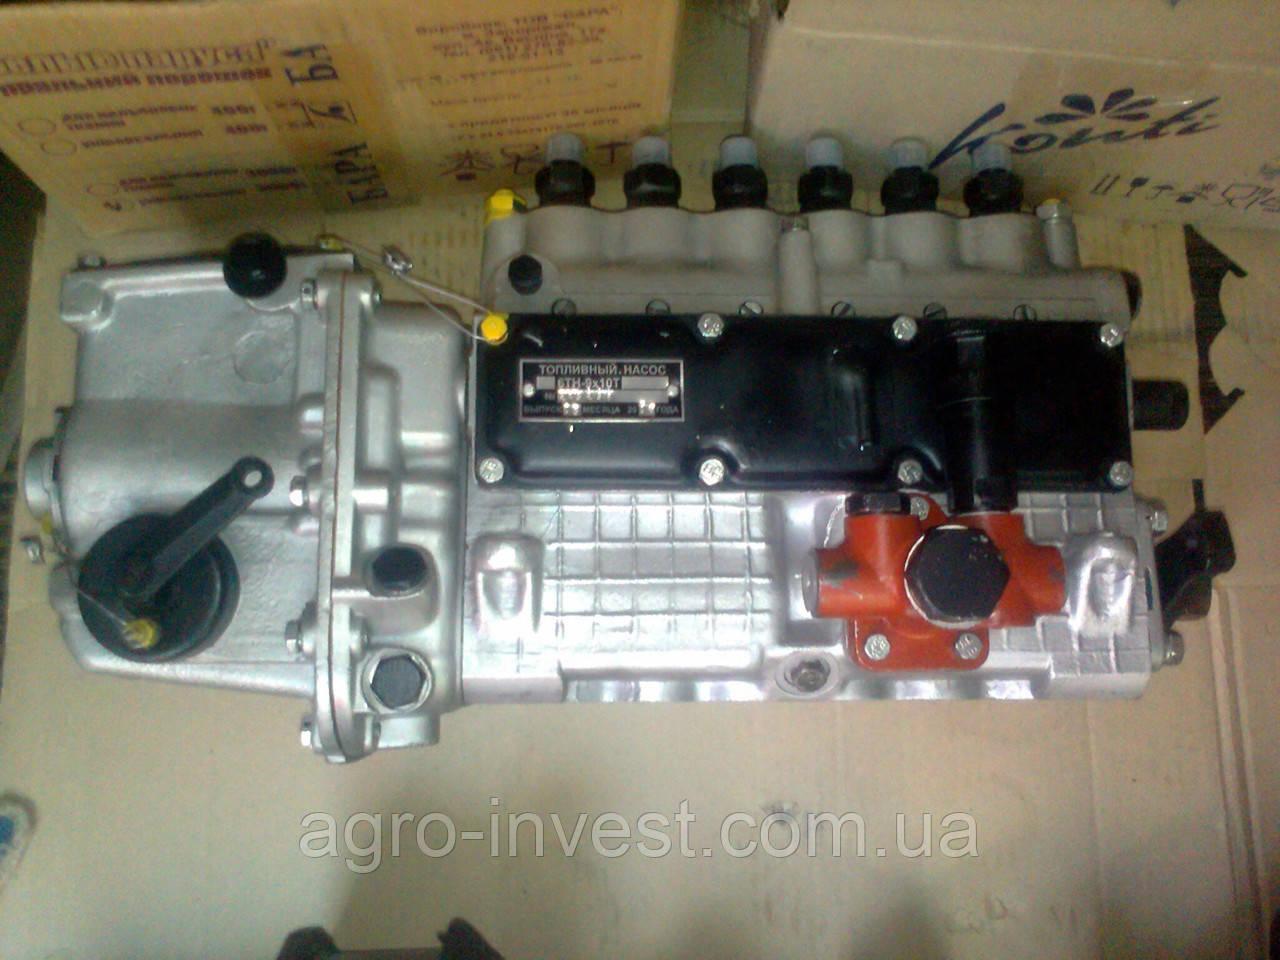 Топливный насос ТНВД  А-01М,Т-4А 6ТН19-10   03-16с2 - Agro-invest в Мелитополе